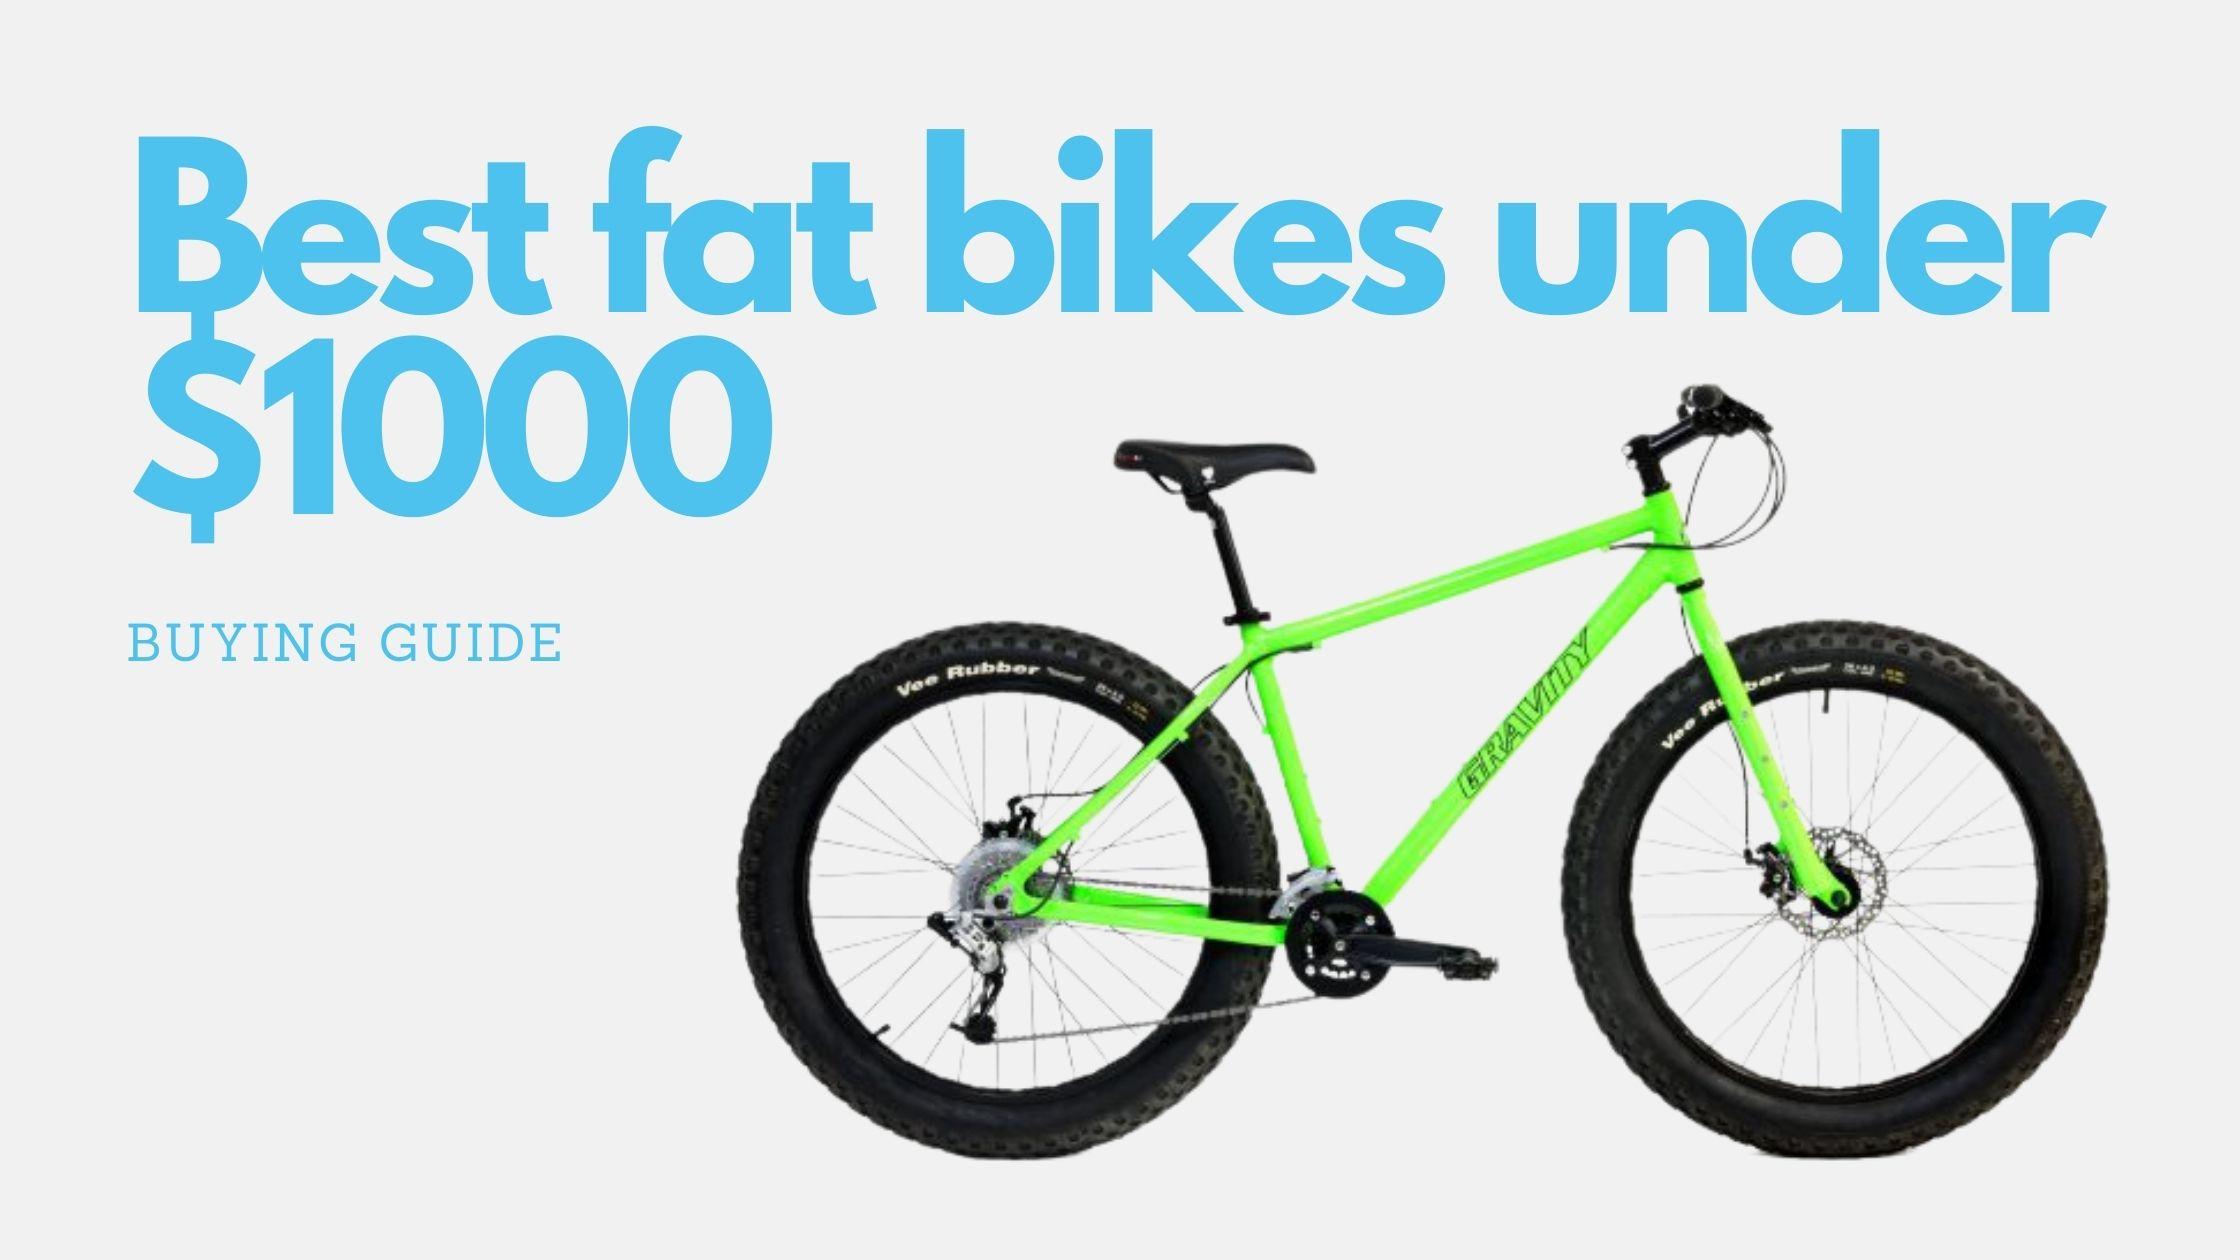 10 Best fat bikes under $1000